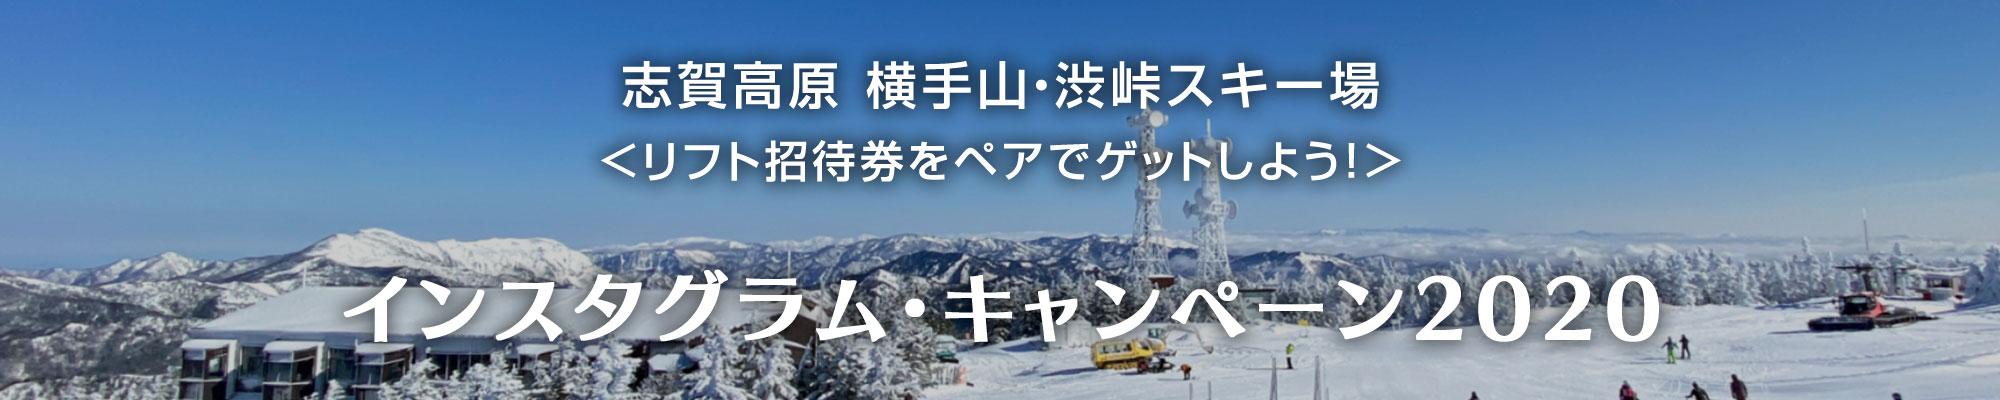 横手山・渋峠スキー場 <年間スキーパスをGETしよう!> インスタグラム・キャンペーン2020